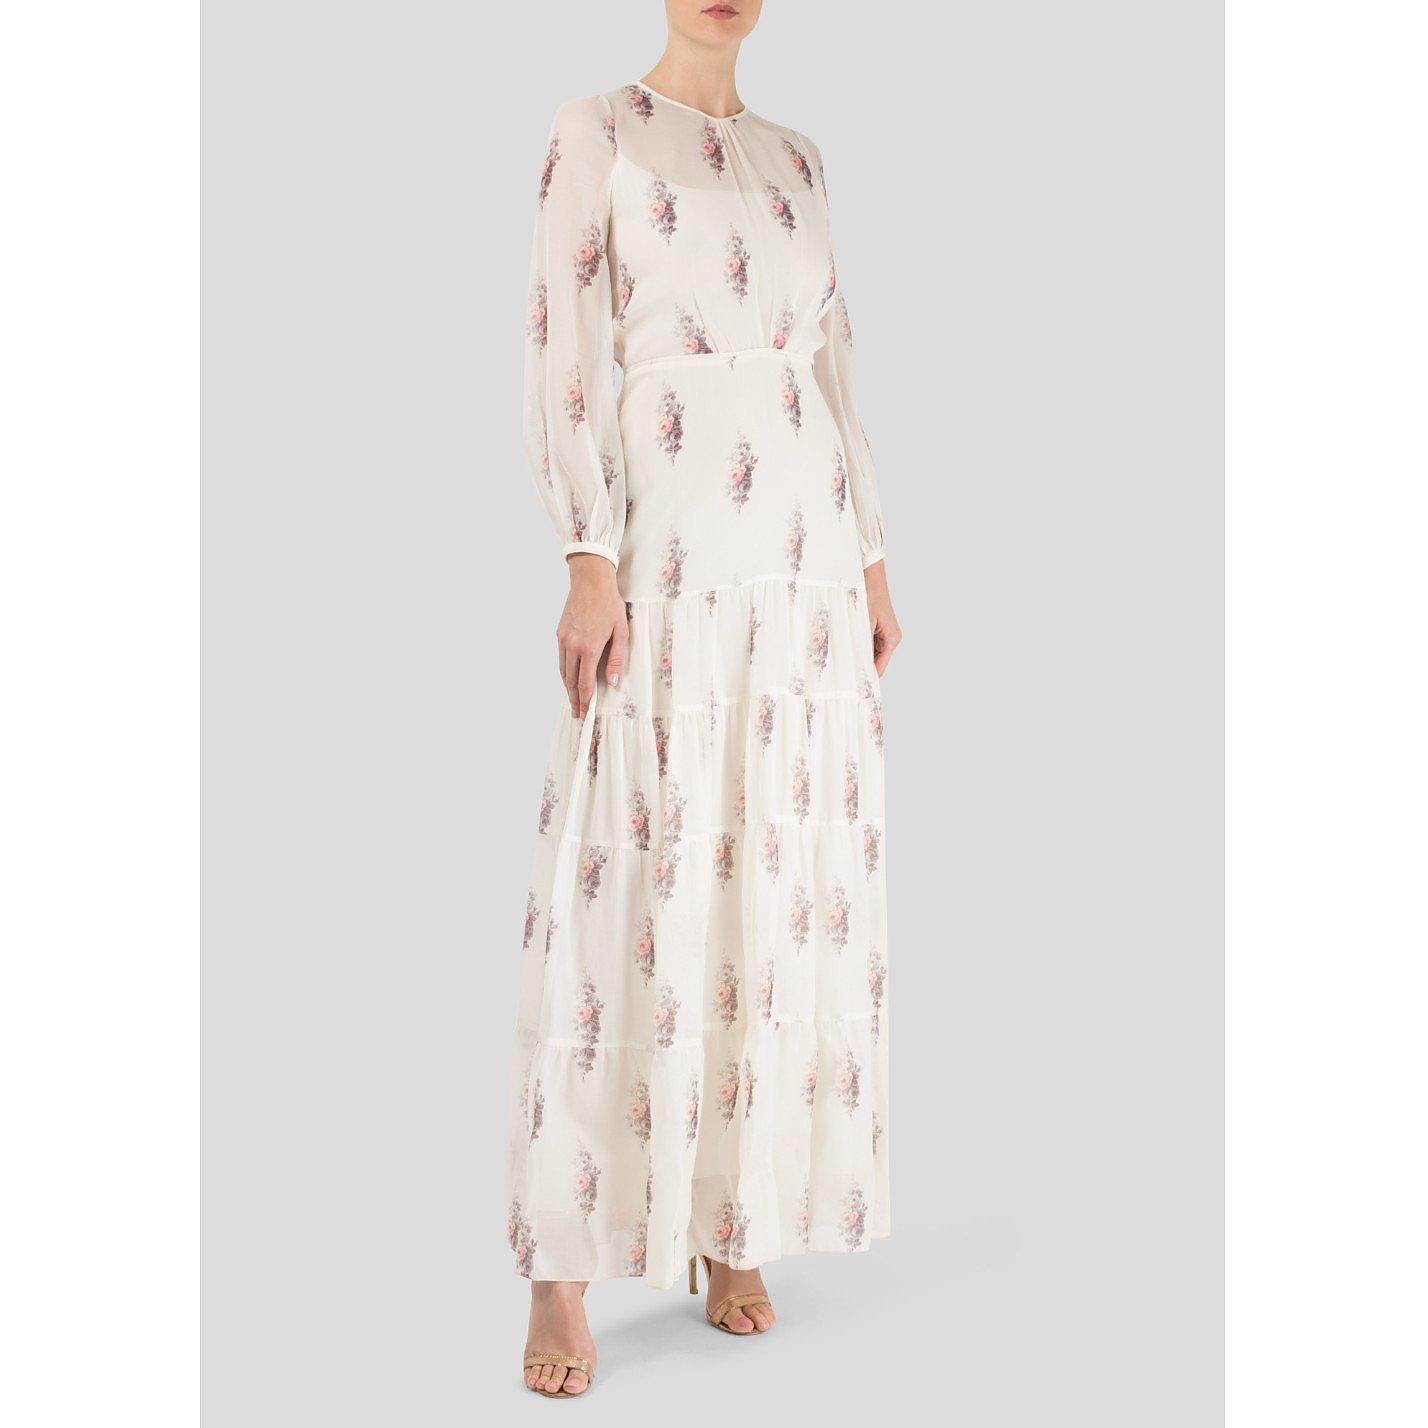 Vilshenko Long Sleeved Full length Floral Dress